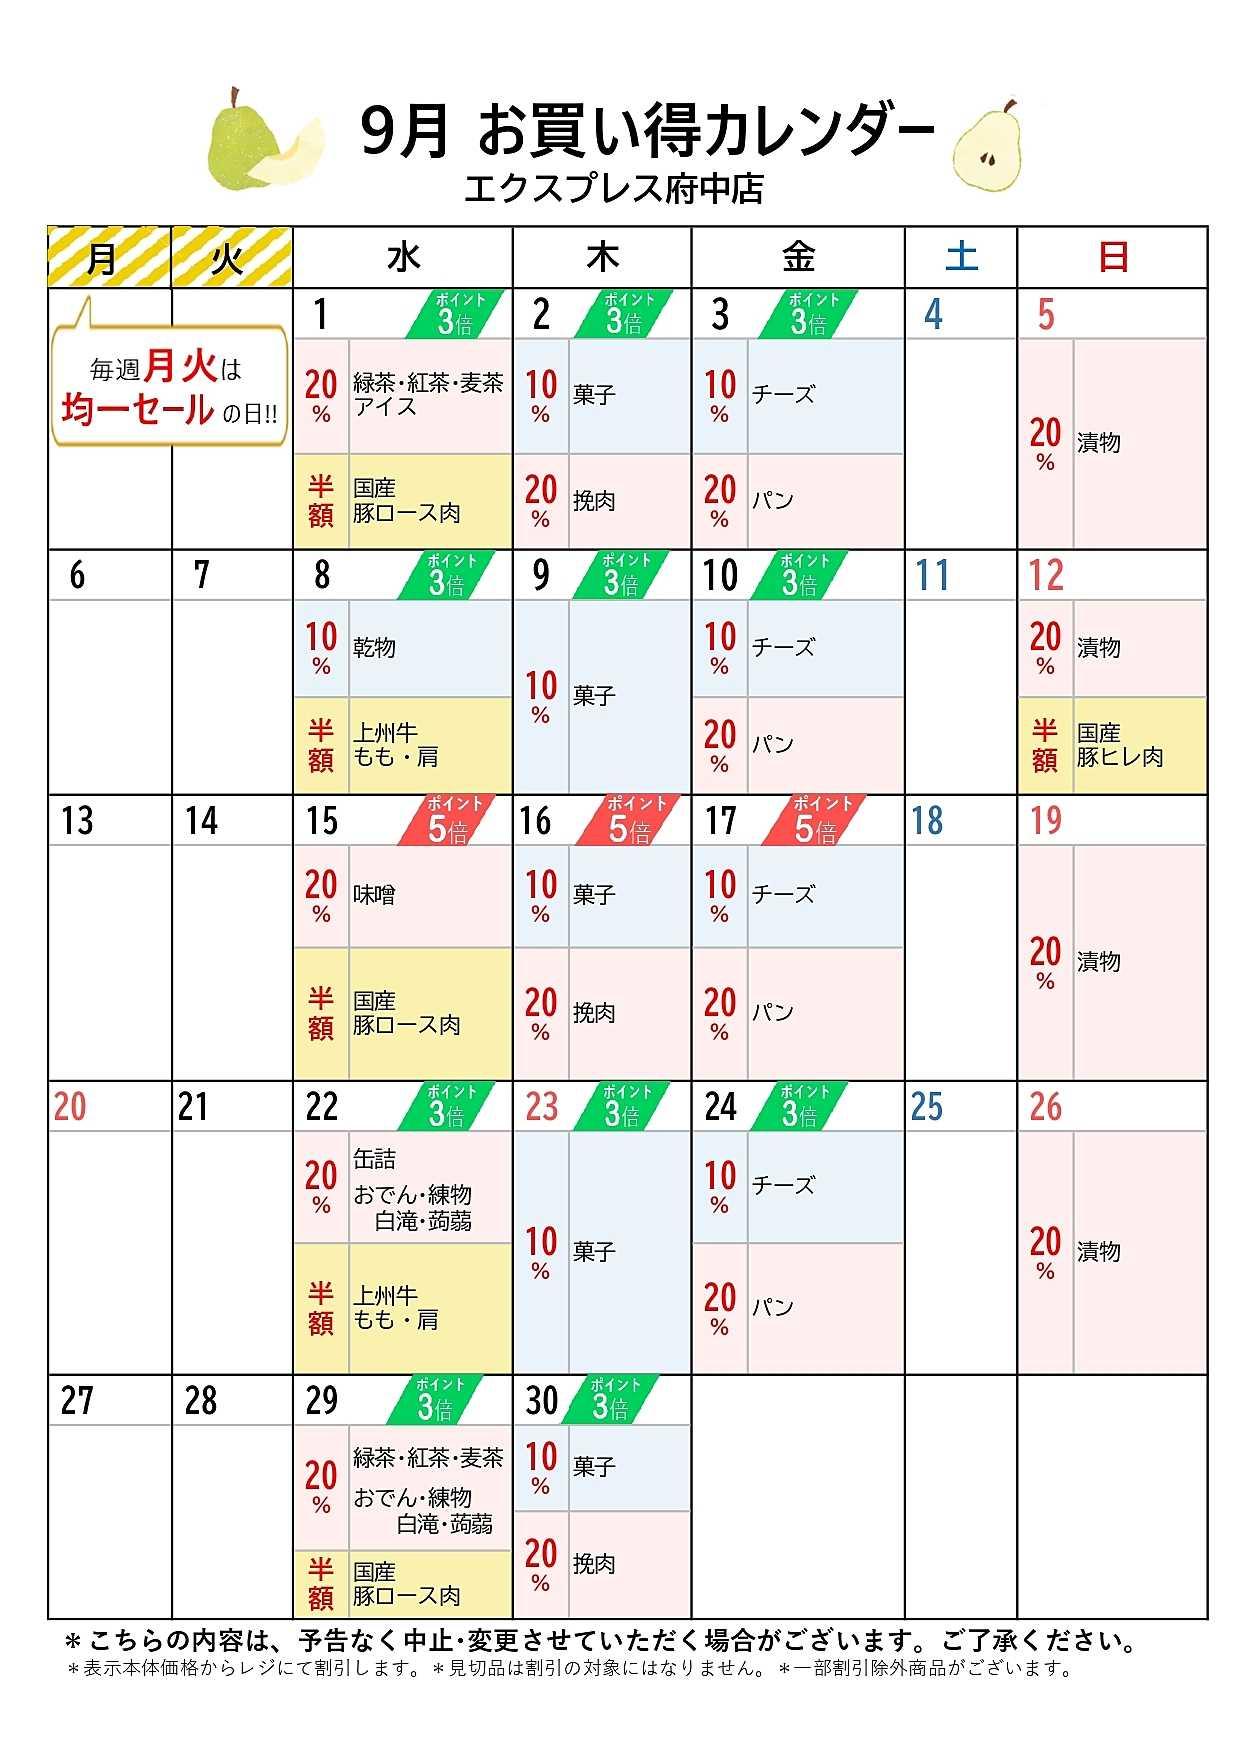 京王ストアエクスプレス 9月お買い得カレンダー